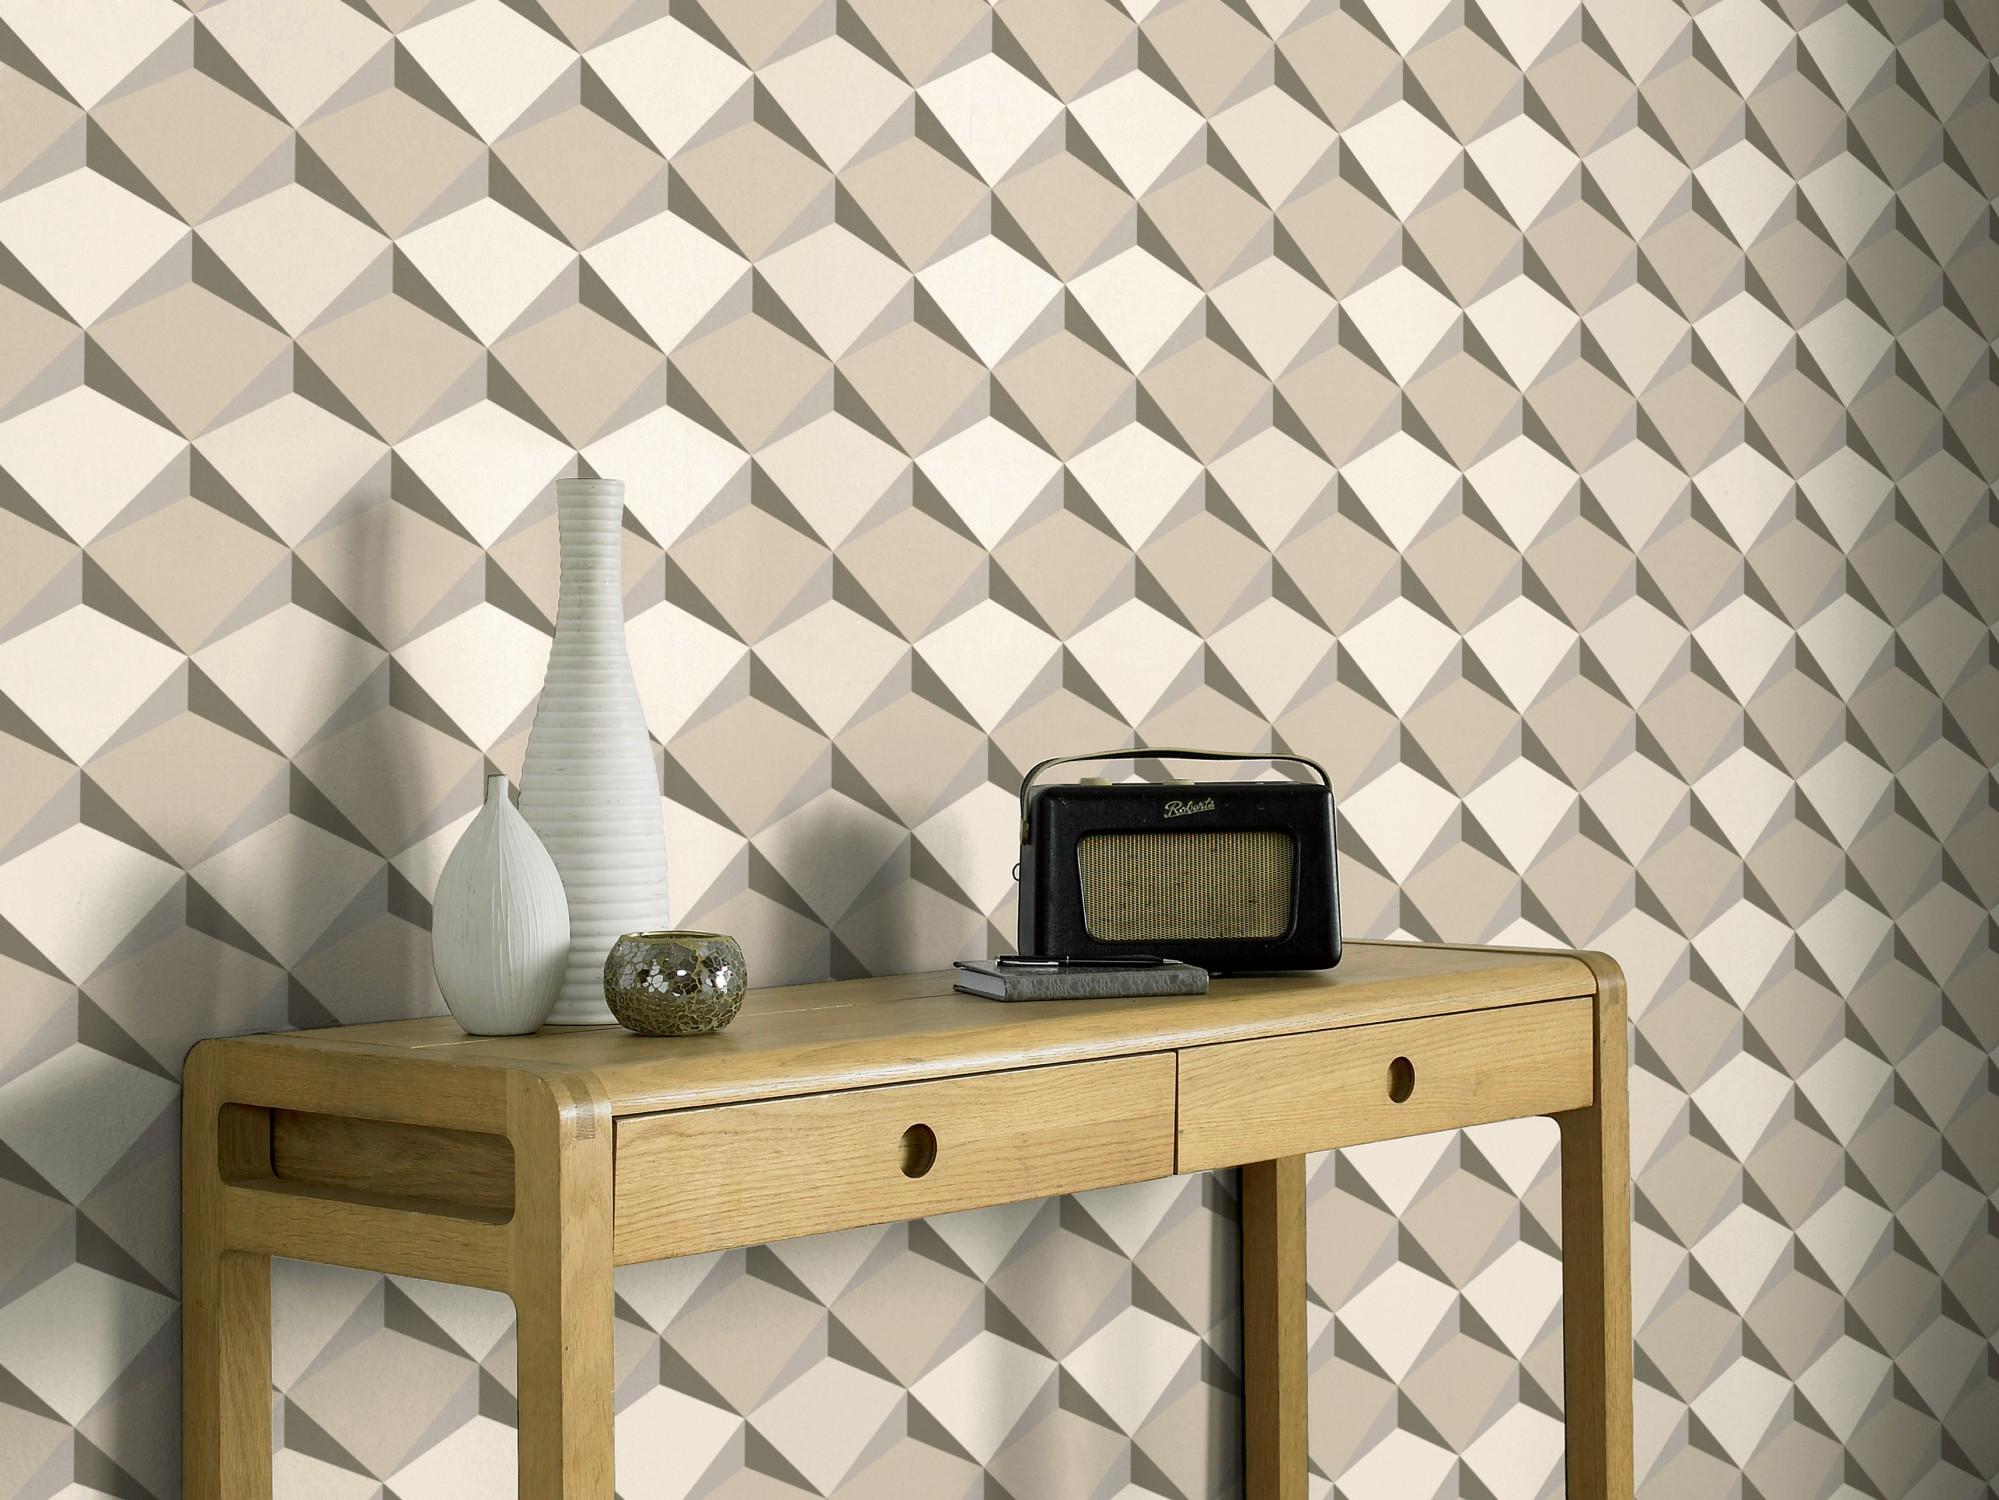 herrlich tapeten wohnzimmer modern grau programm - Tapete Grau Beige